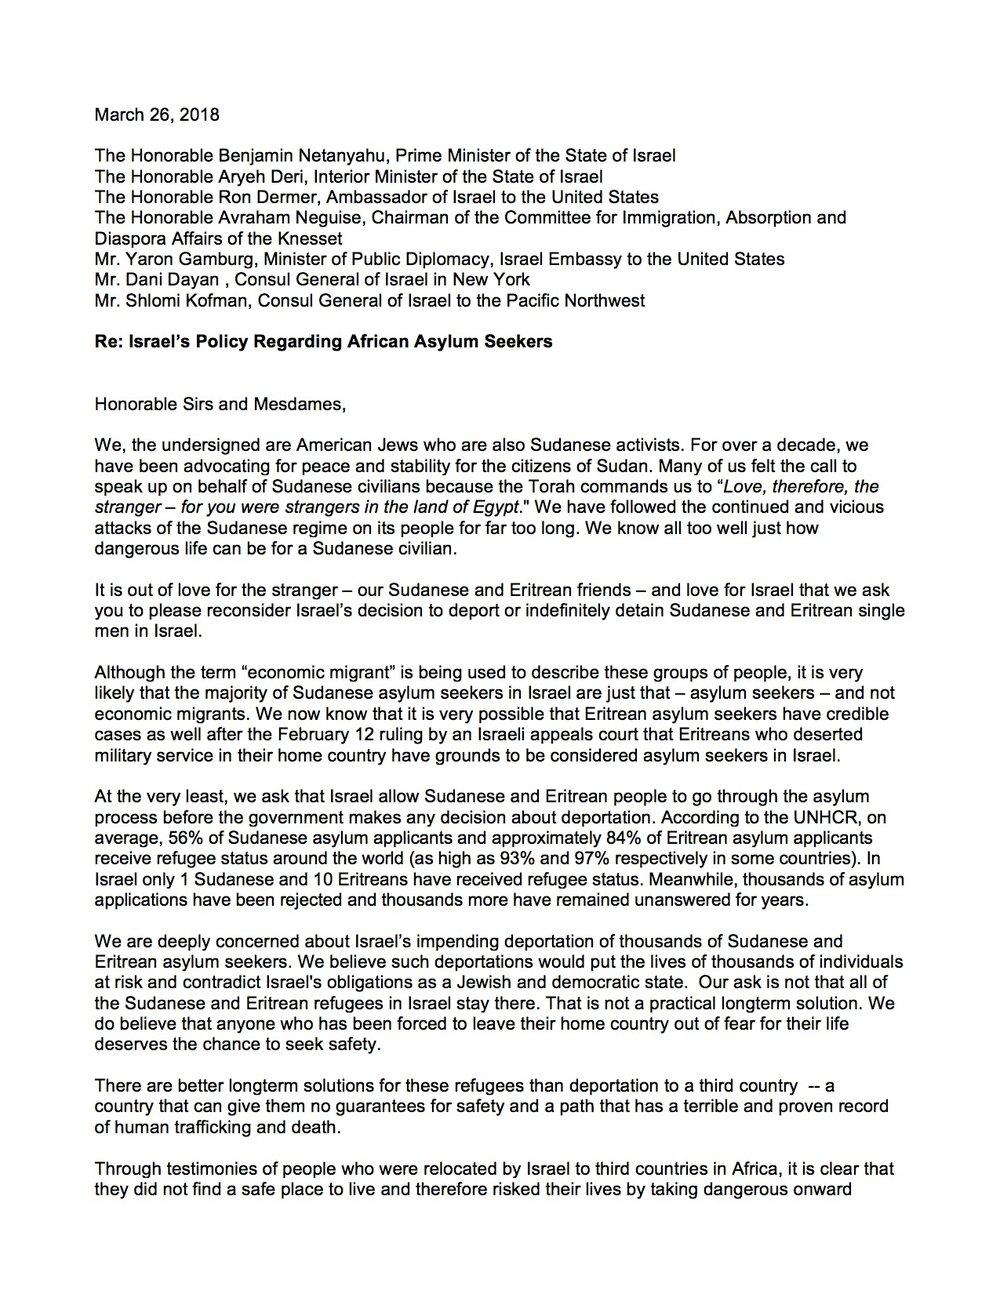 Israel Policy for African Asylum Seekers.jpg